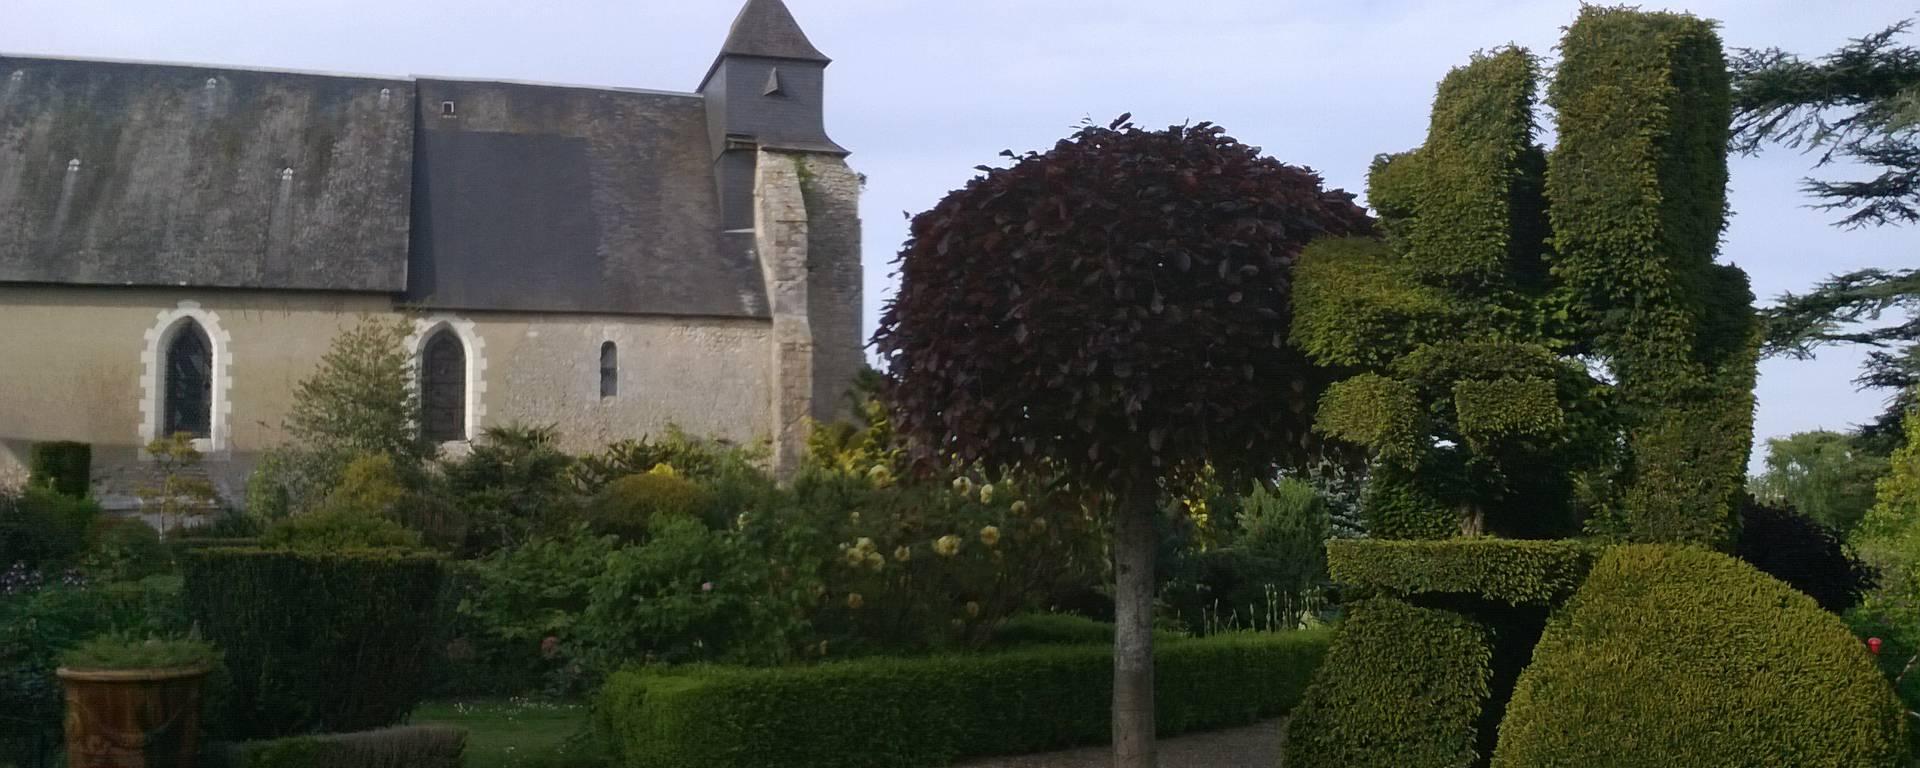 Le prieuré d'Orchaise